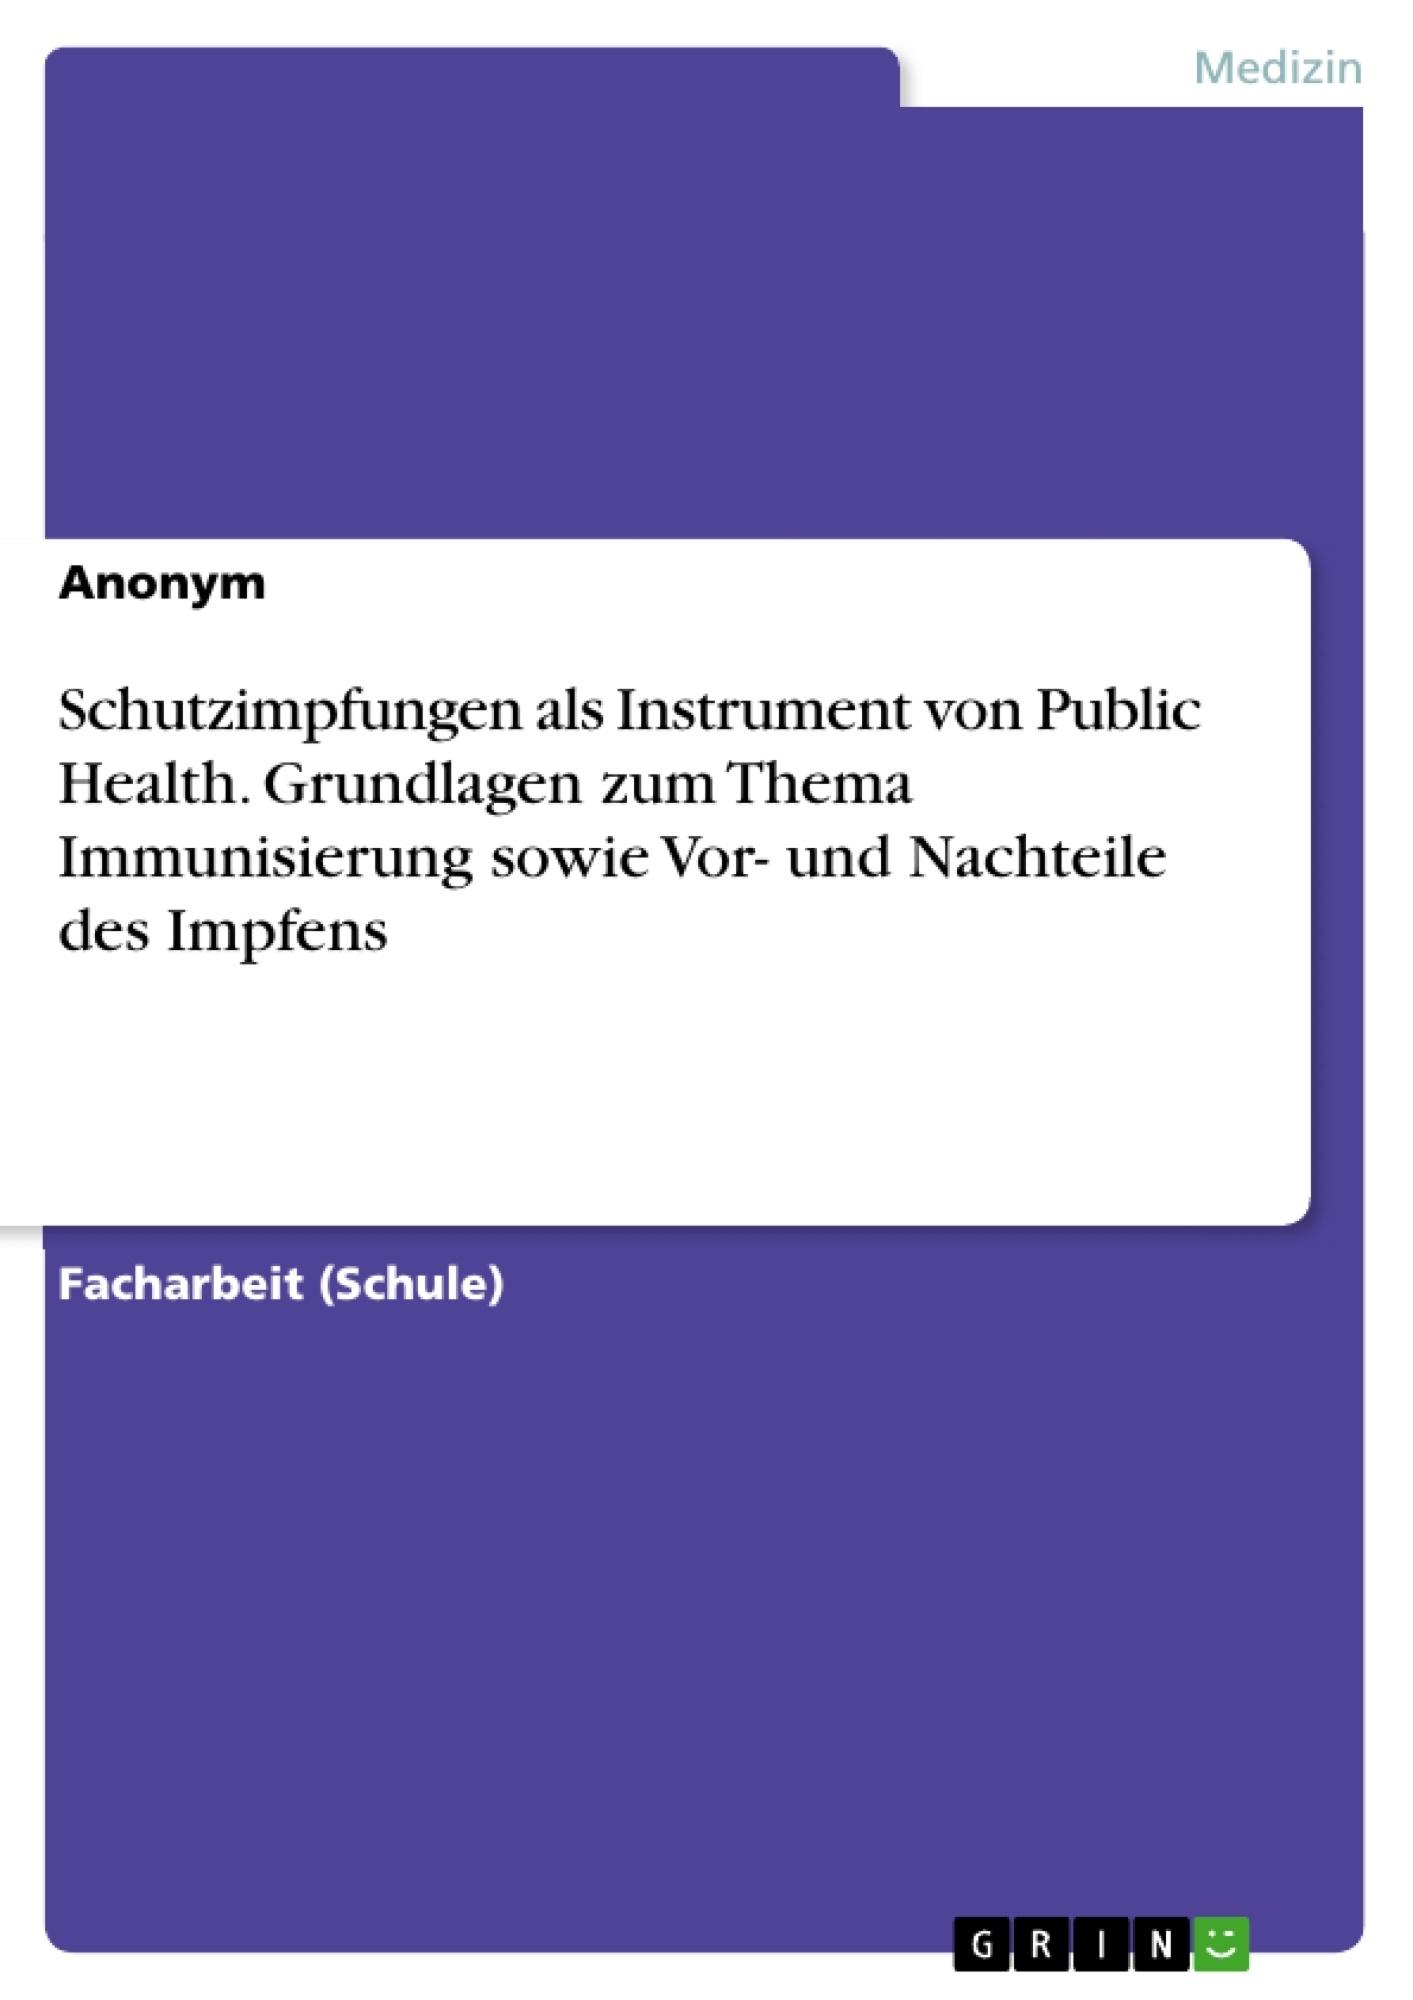 Titel: Schutzimpfungen als Instrument von Public Health. Grundlagen zum Thema Immunisierung sowie Vor- und Nachteile des Impfens